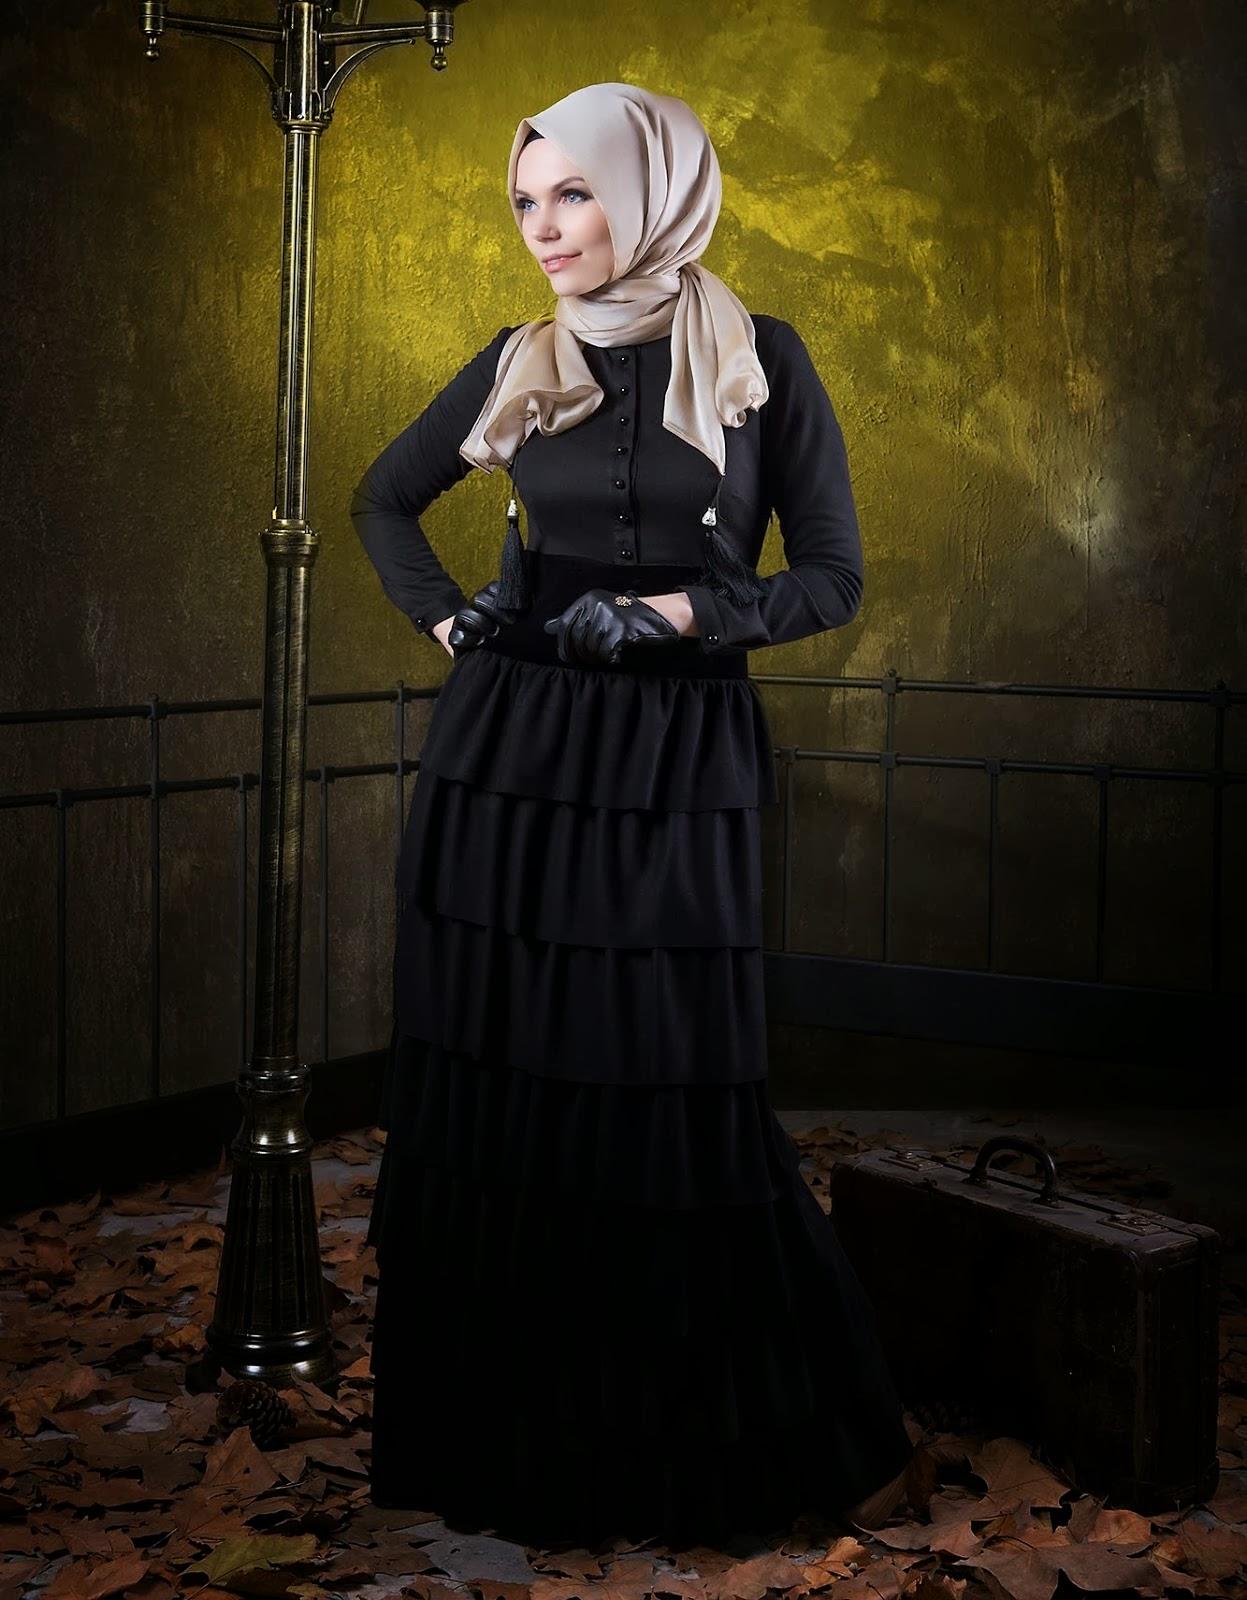 Muslima Tesett%C3%BCr+Giyim 2013 2014+Sonbahar Kis+Koleksiyonu 09 ucuz tesettür abiye modelleri,uzun abiye modelleri ve fiyatları,kapalı abiye modelleri genç,abiye modelleri ve fiyatları 2014,abiye elbiseler,abiye elbise modelleri ve fiyatları,genç kız abiye modelleri ve fiyatları,2015 abiye